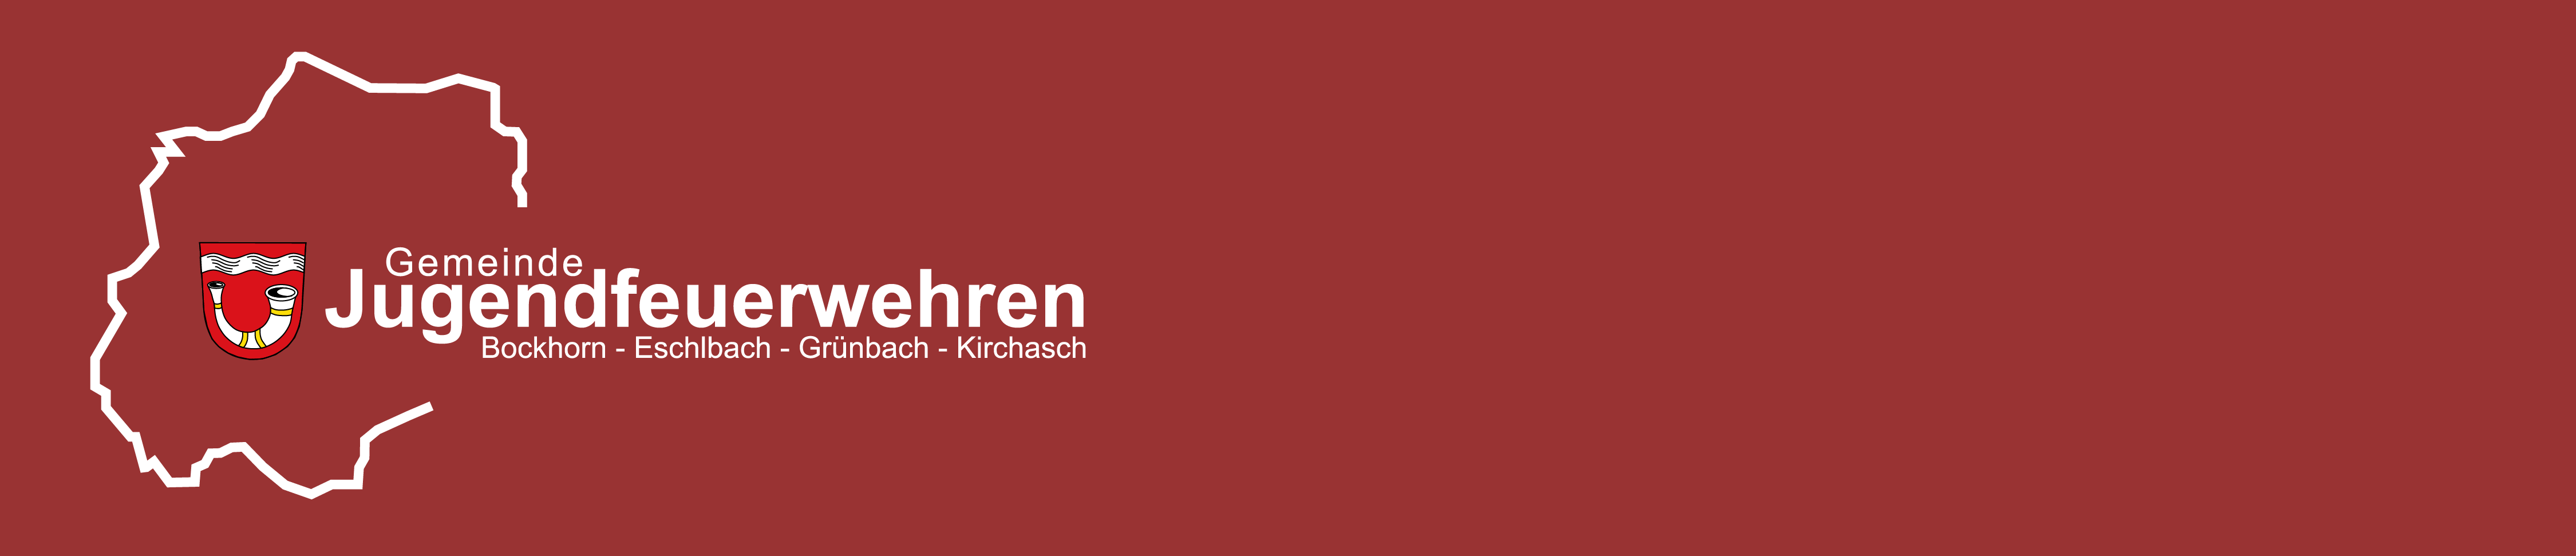 Jugendfeuerwehren der Gemeinde Bockhorn